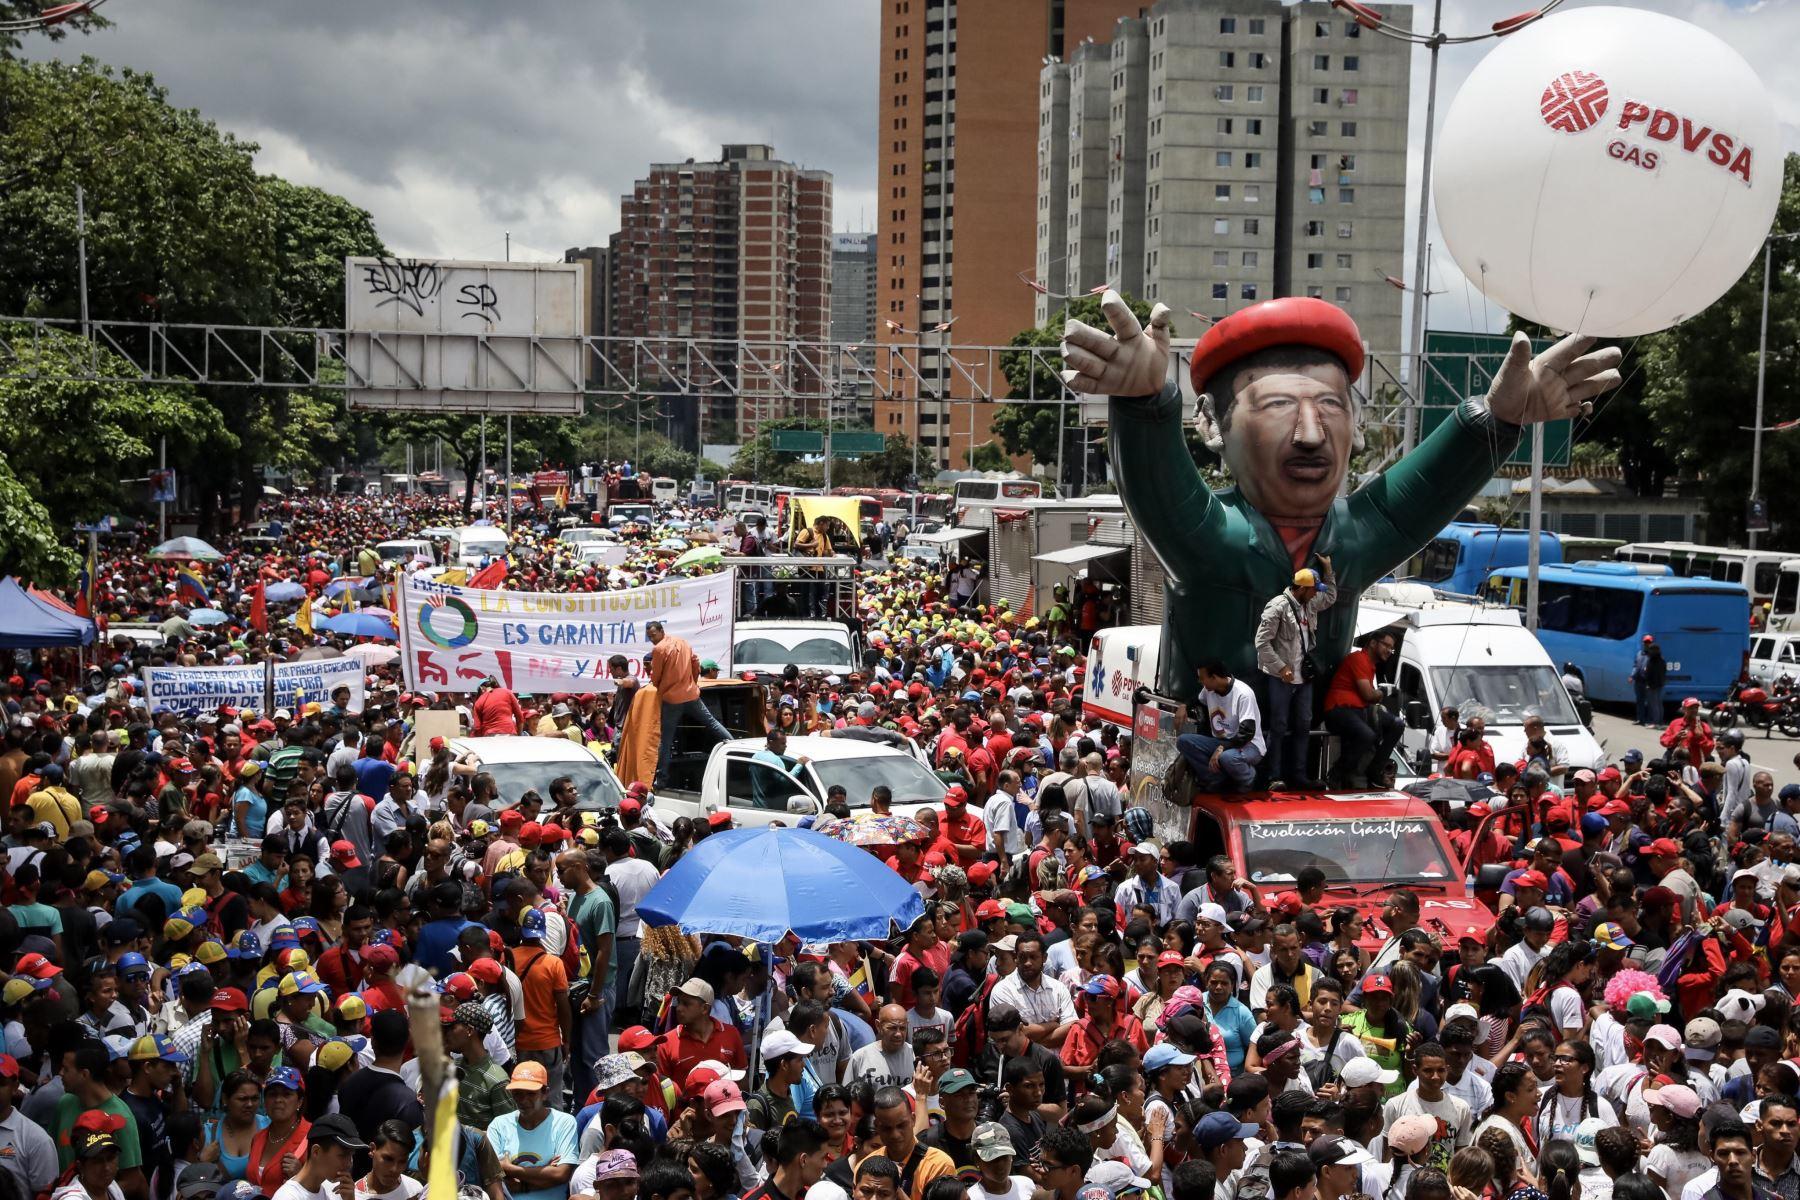 Chavistas participan en una manifestación para apoyar la instalación de la Asamblea Nacional Constituyente. Foto: Efe.